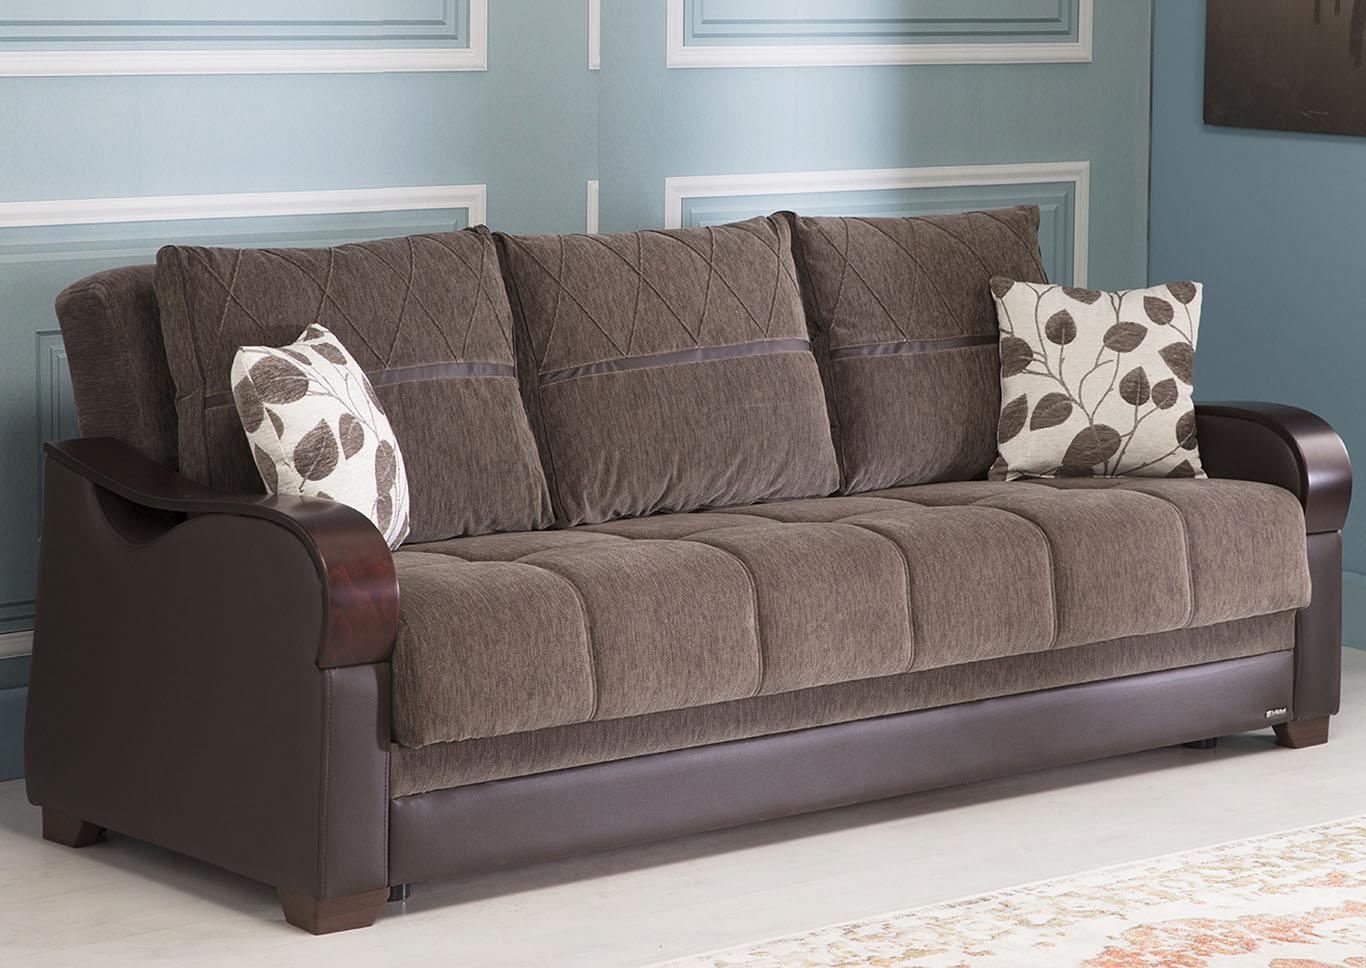 Phenomenal Paivas Furniture Bennett Armoni Brown 3 Piece Sofa Set Unemploymentrelief Wooden Chair Designs For Living Room Unemploymentrelieforg